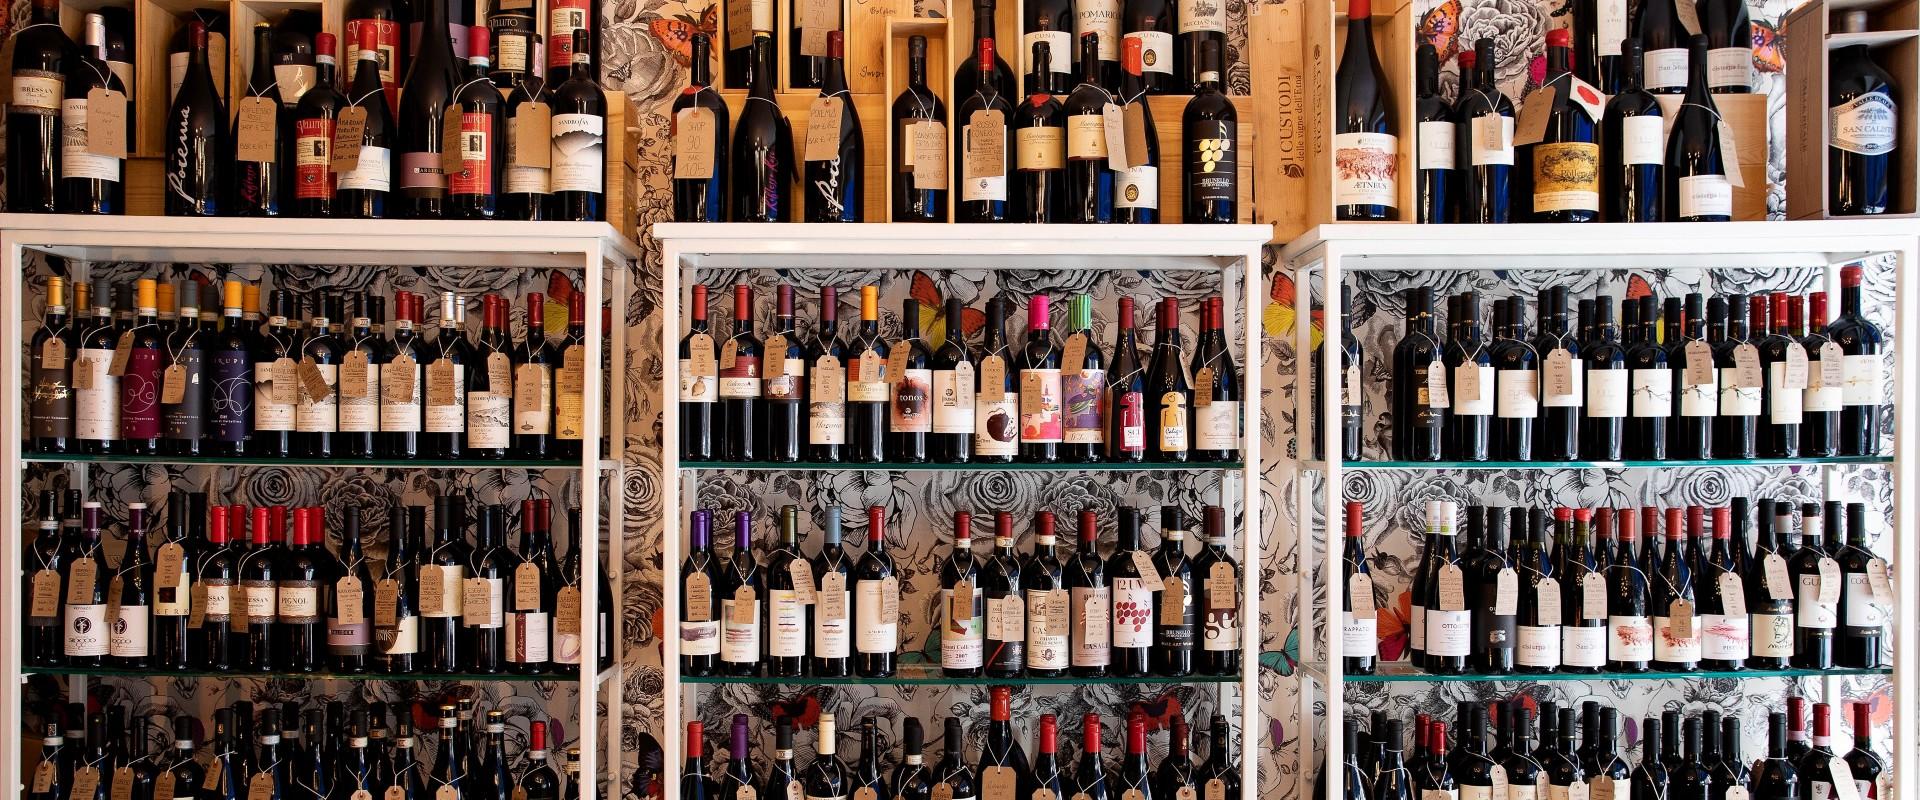 Passione Vino wine shop wall